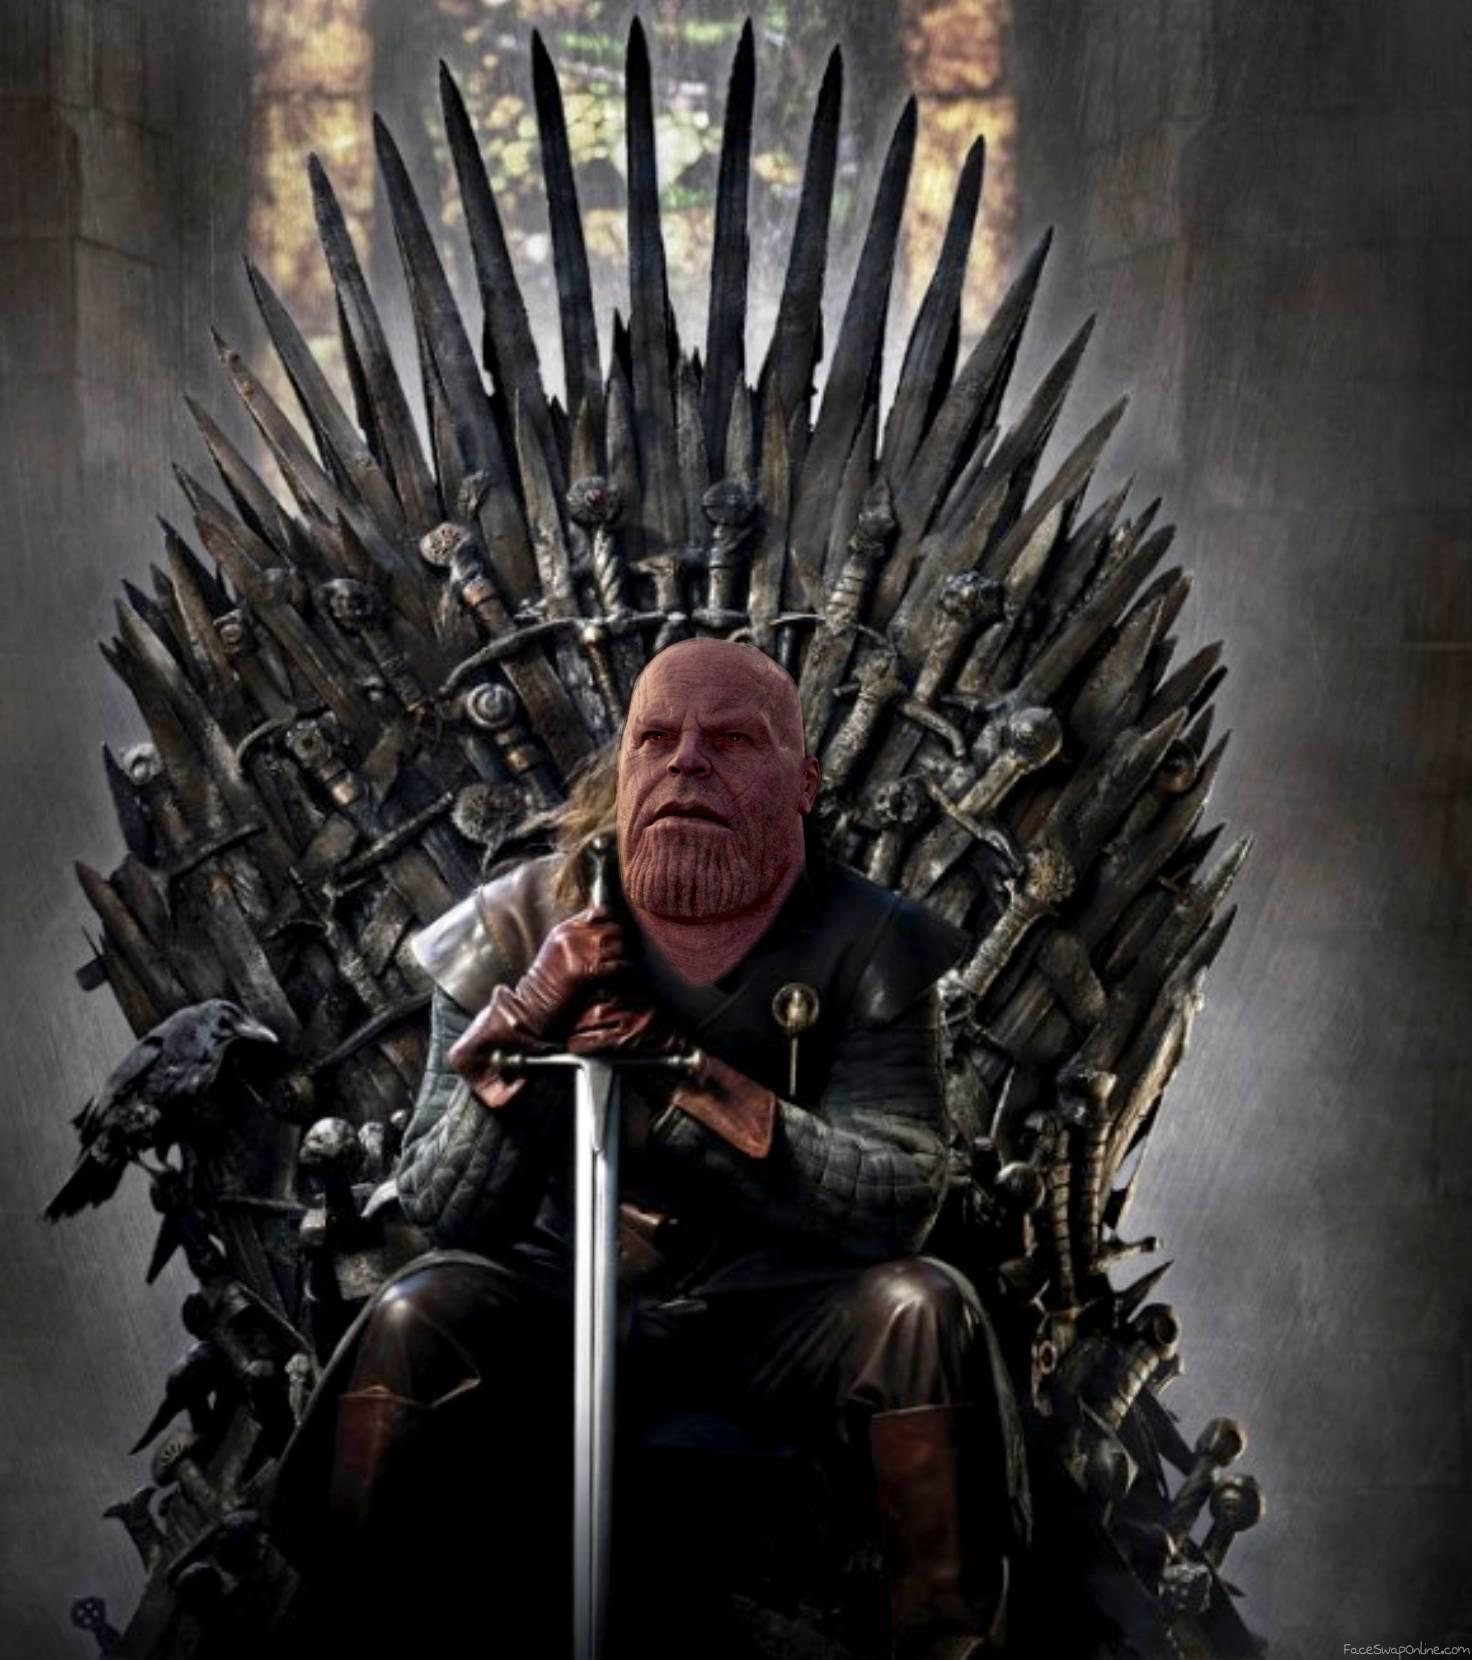 Thanos on the Iron throne